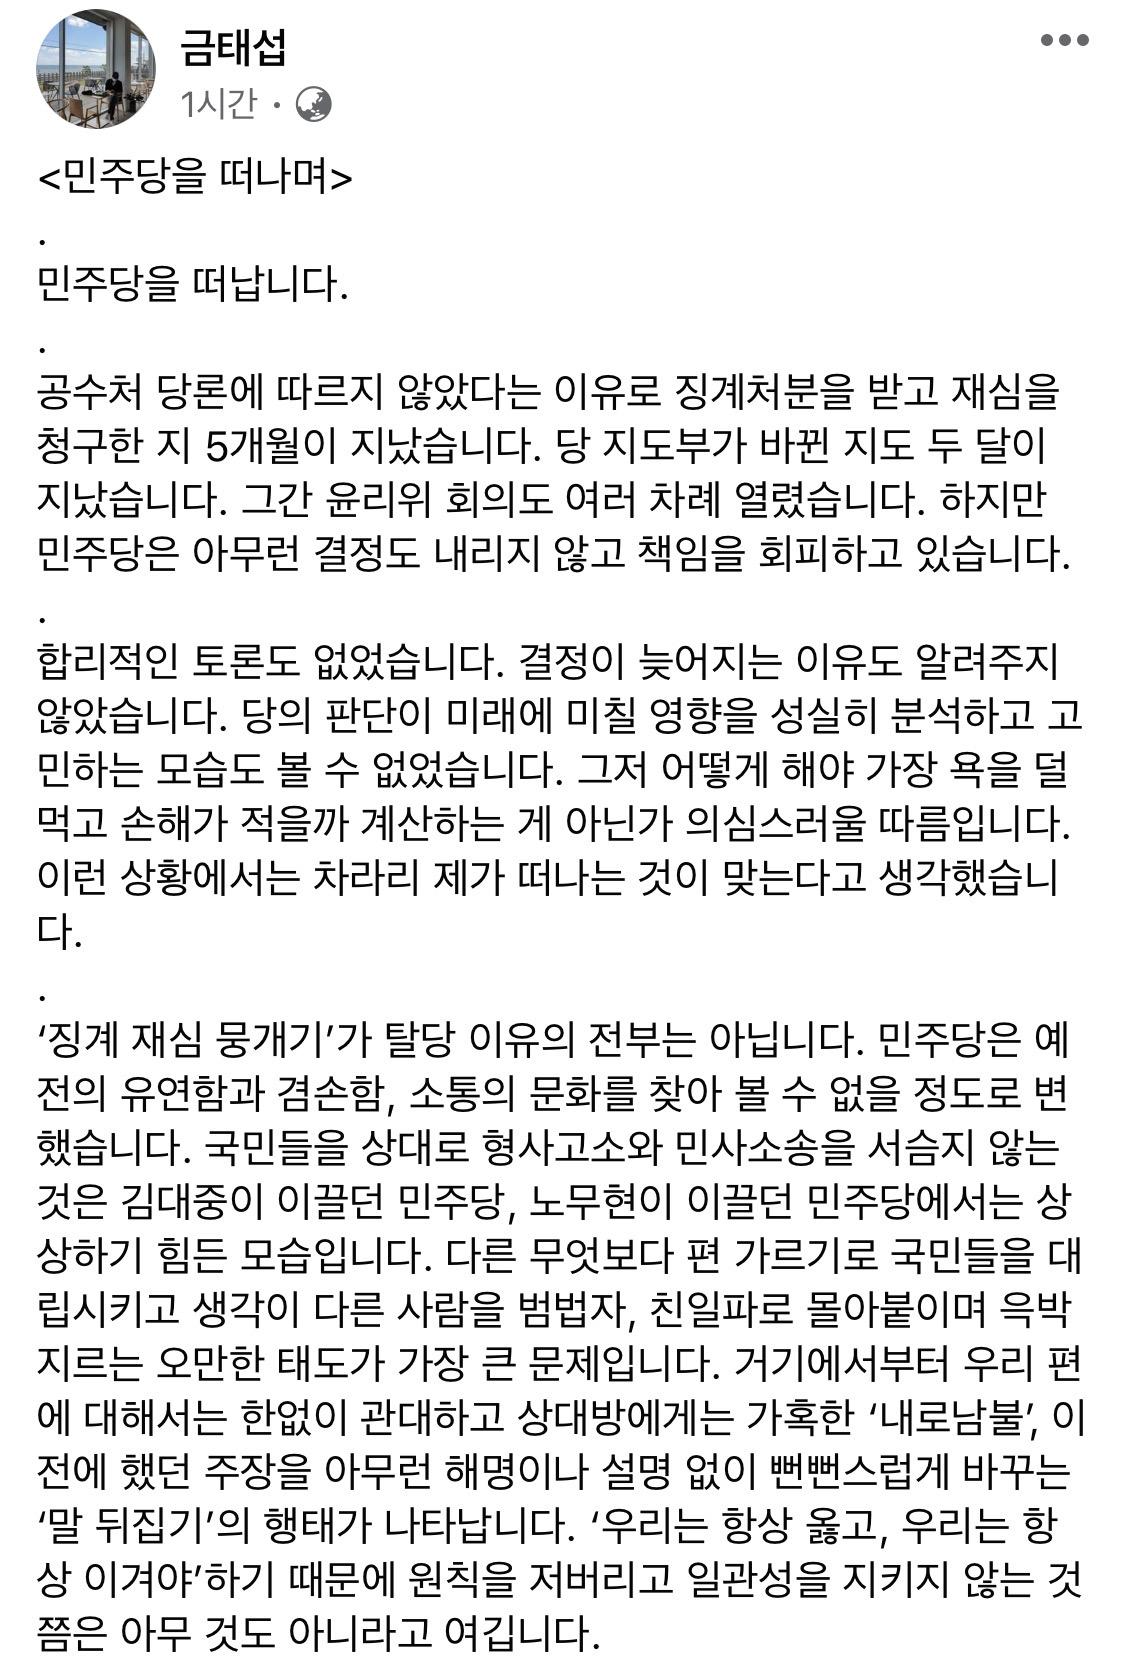 금태섭 '민주당을 떠납니다' 전문